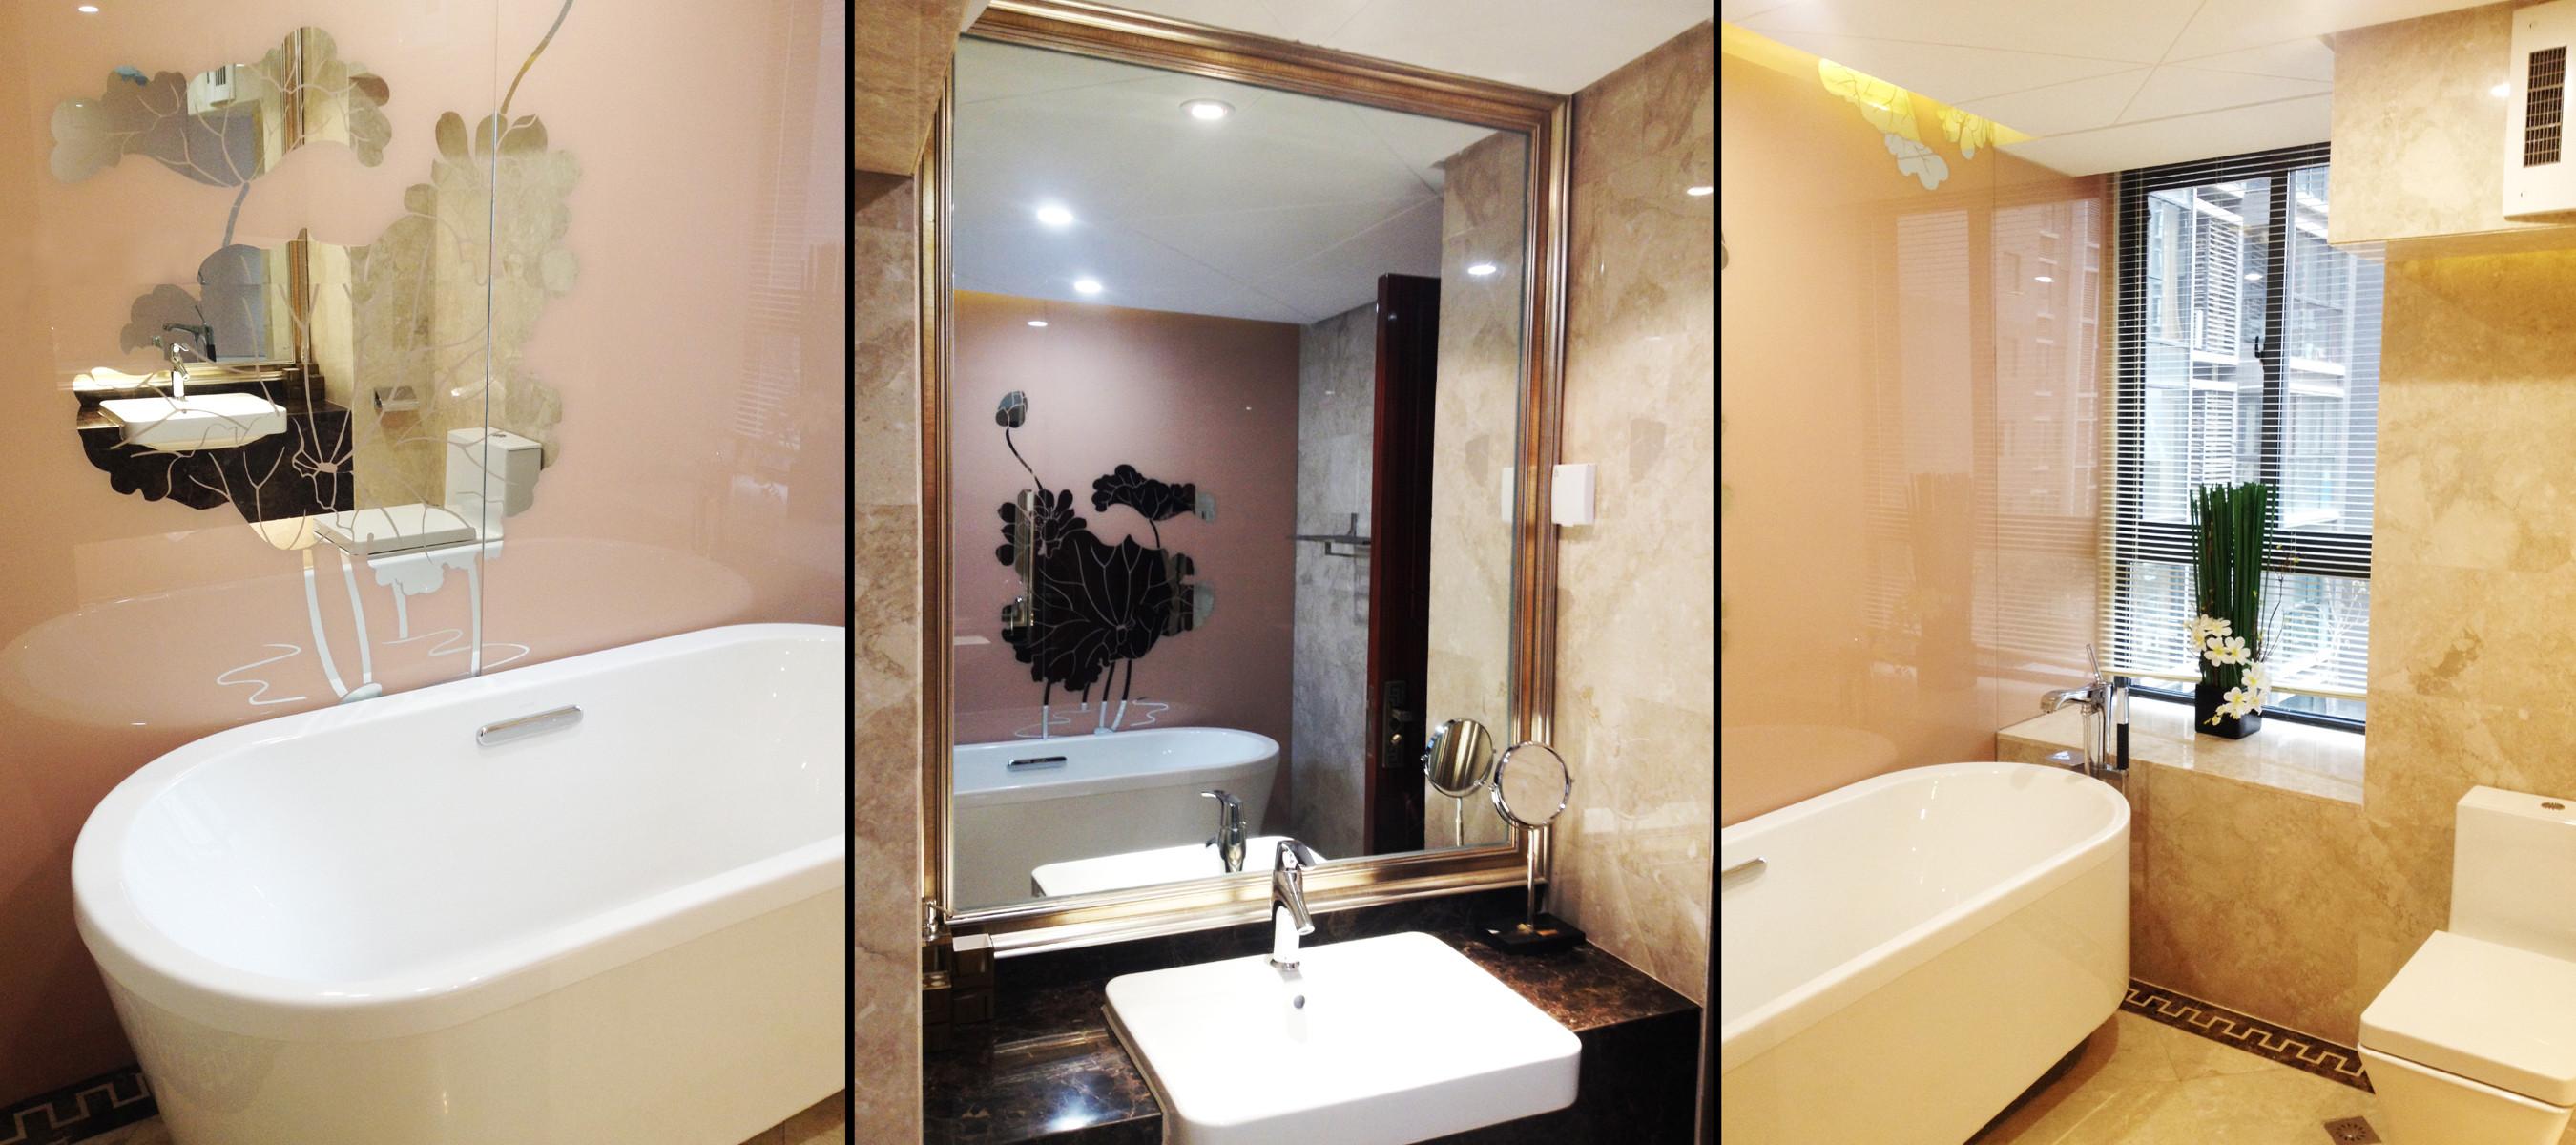 大户型中式后现代装修浴缸设计